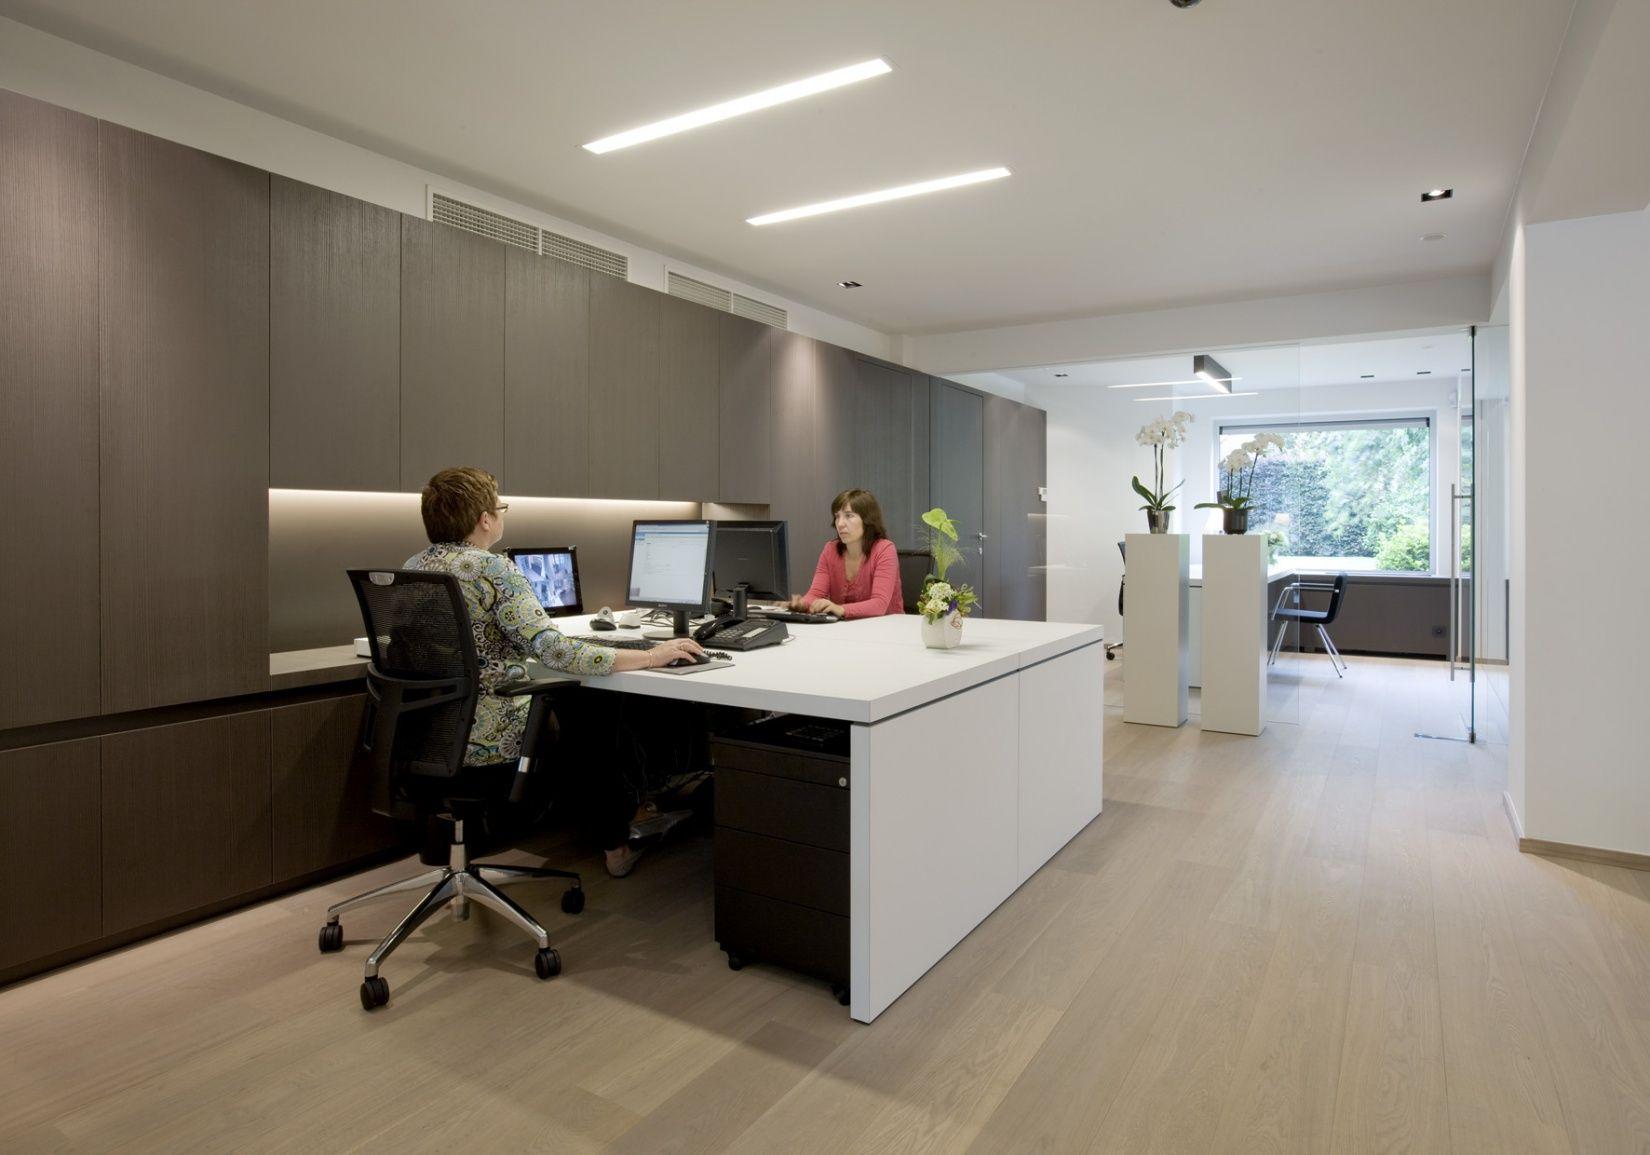 Inrichting kantoorruimte google zoeken tuinkantoor for Inrichting kantoor